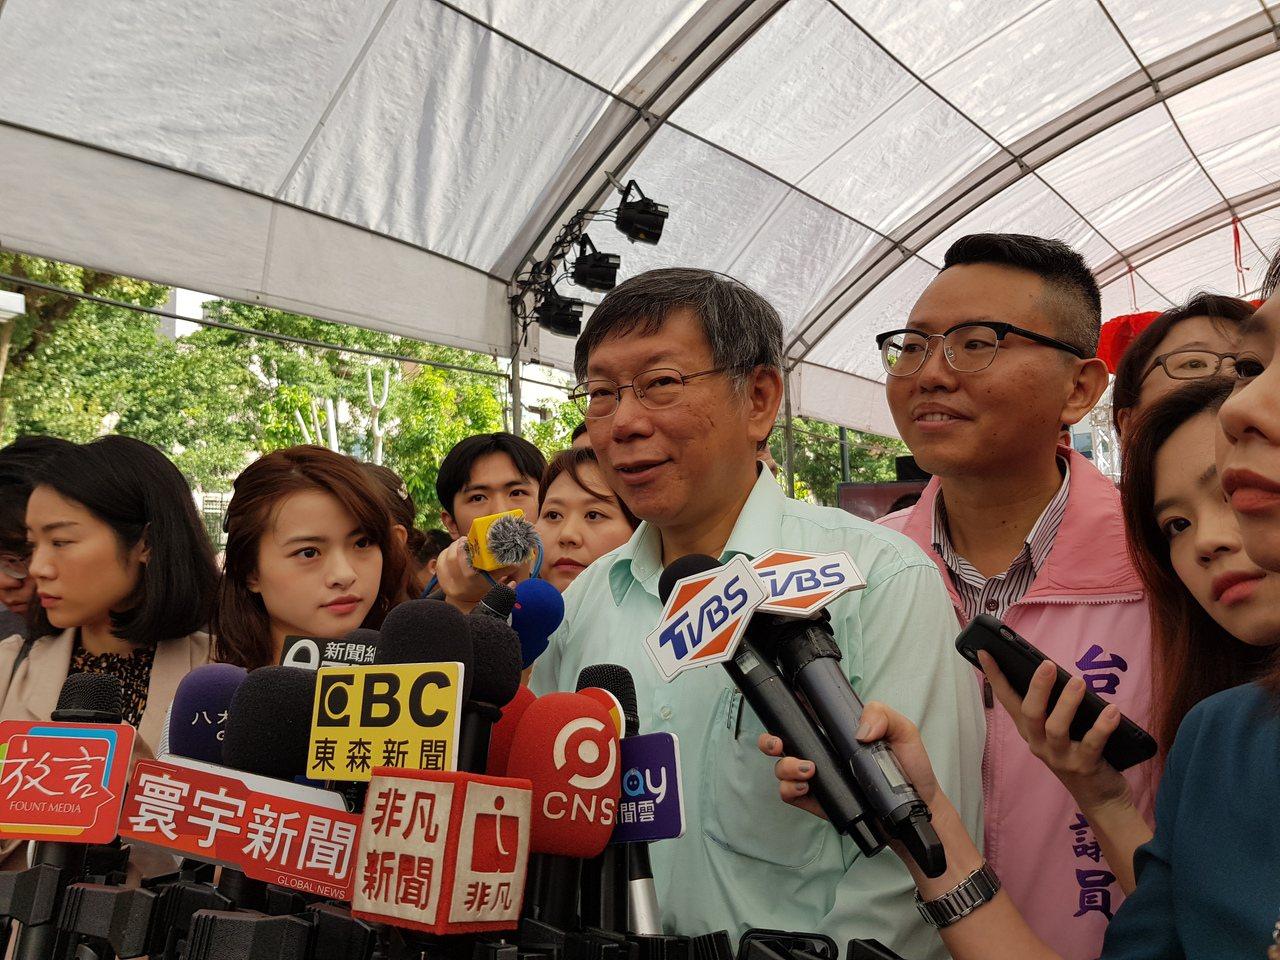 親民黨主席宋楚瑜今天將宣布投入2020總統選舉,同時對外公布副手人選;對此,台北...